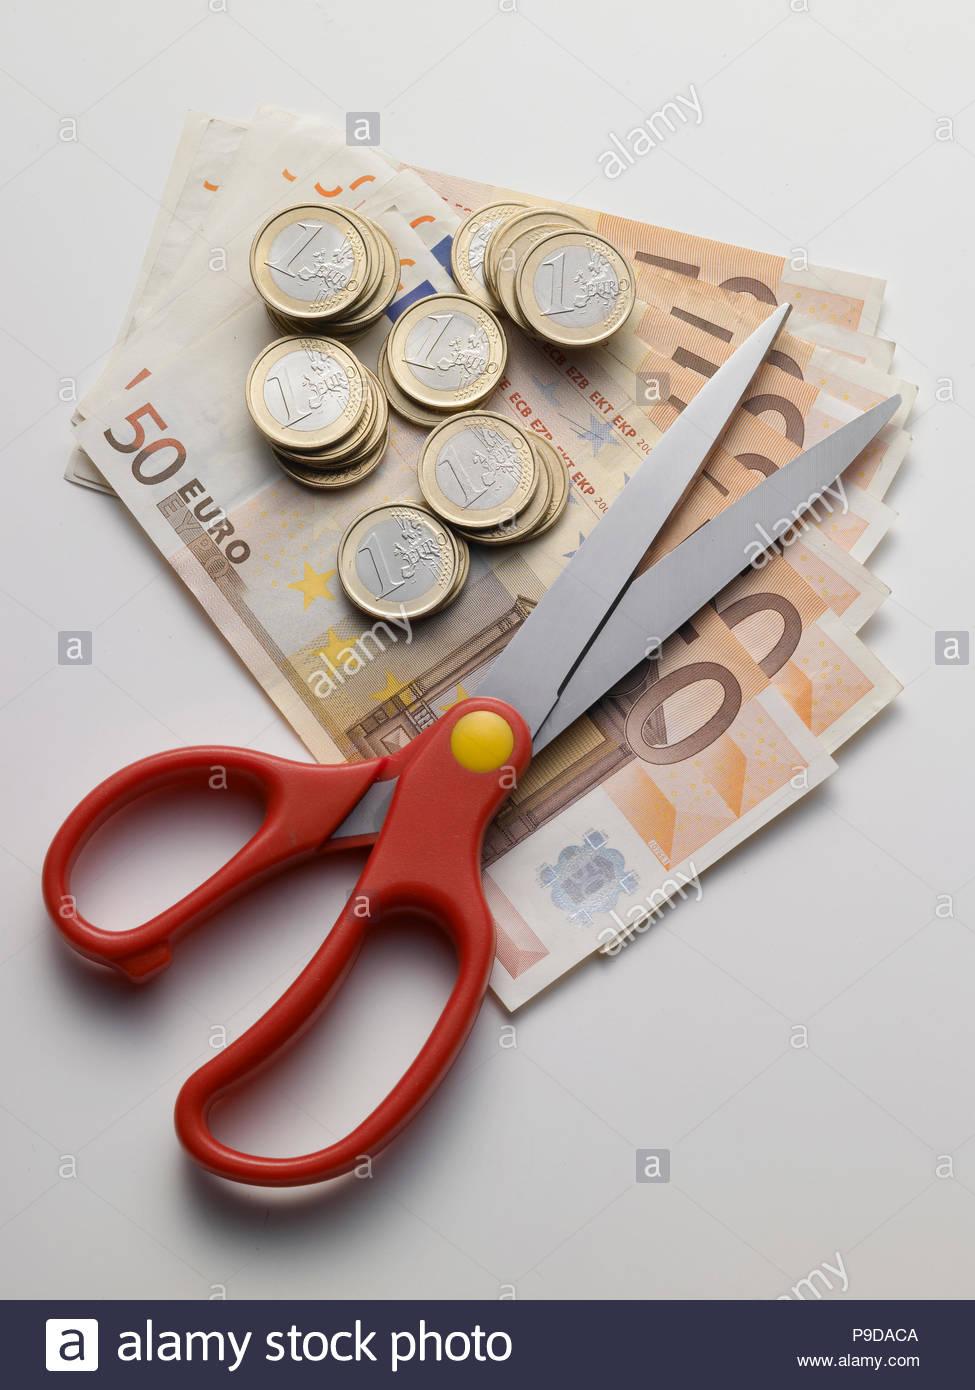 Des ciseaux et de l'argent sur fonds blancs Photo Stock